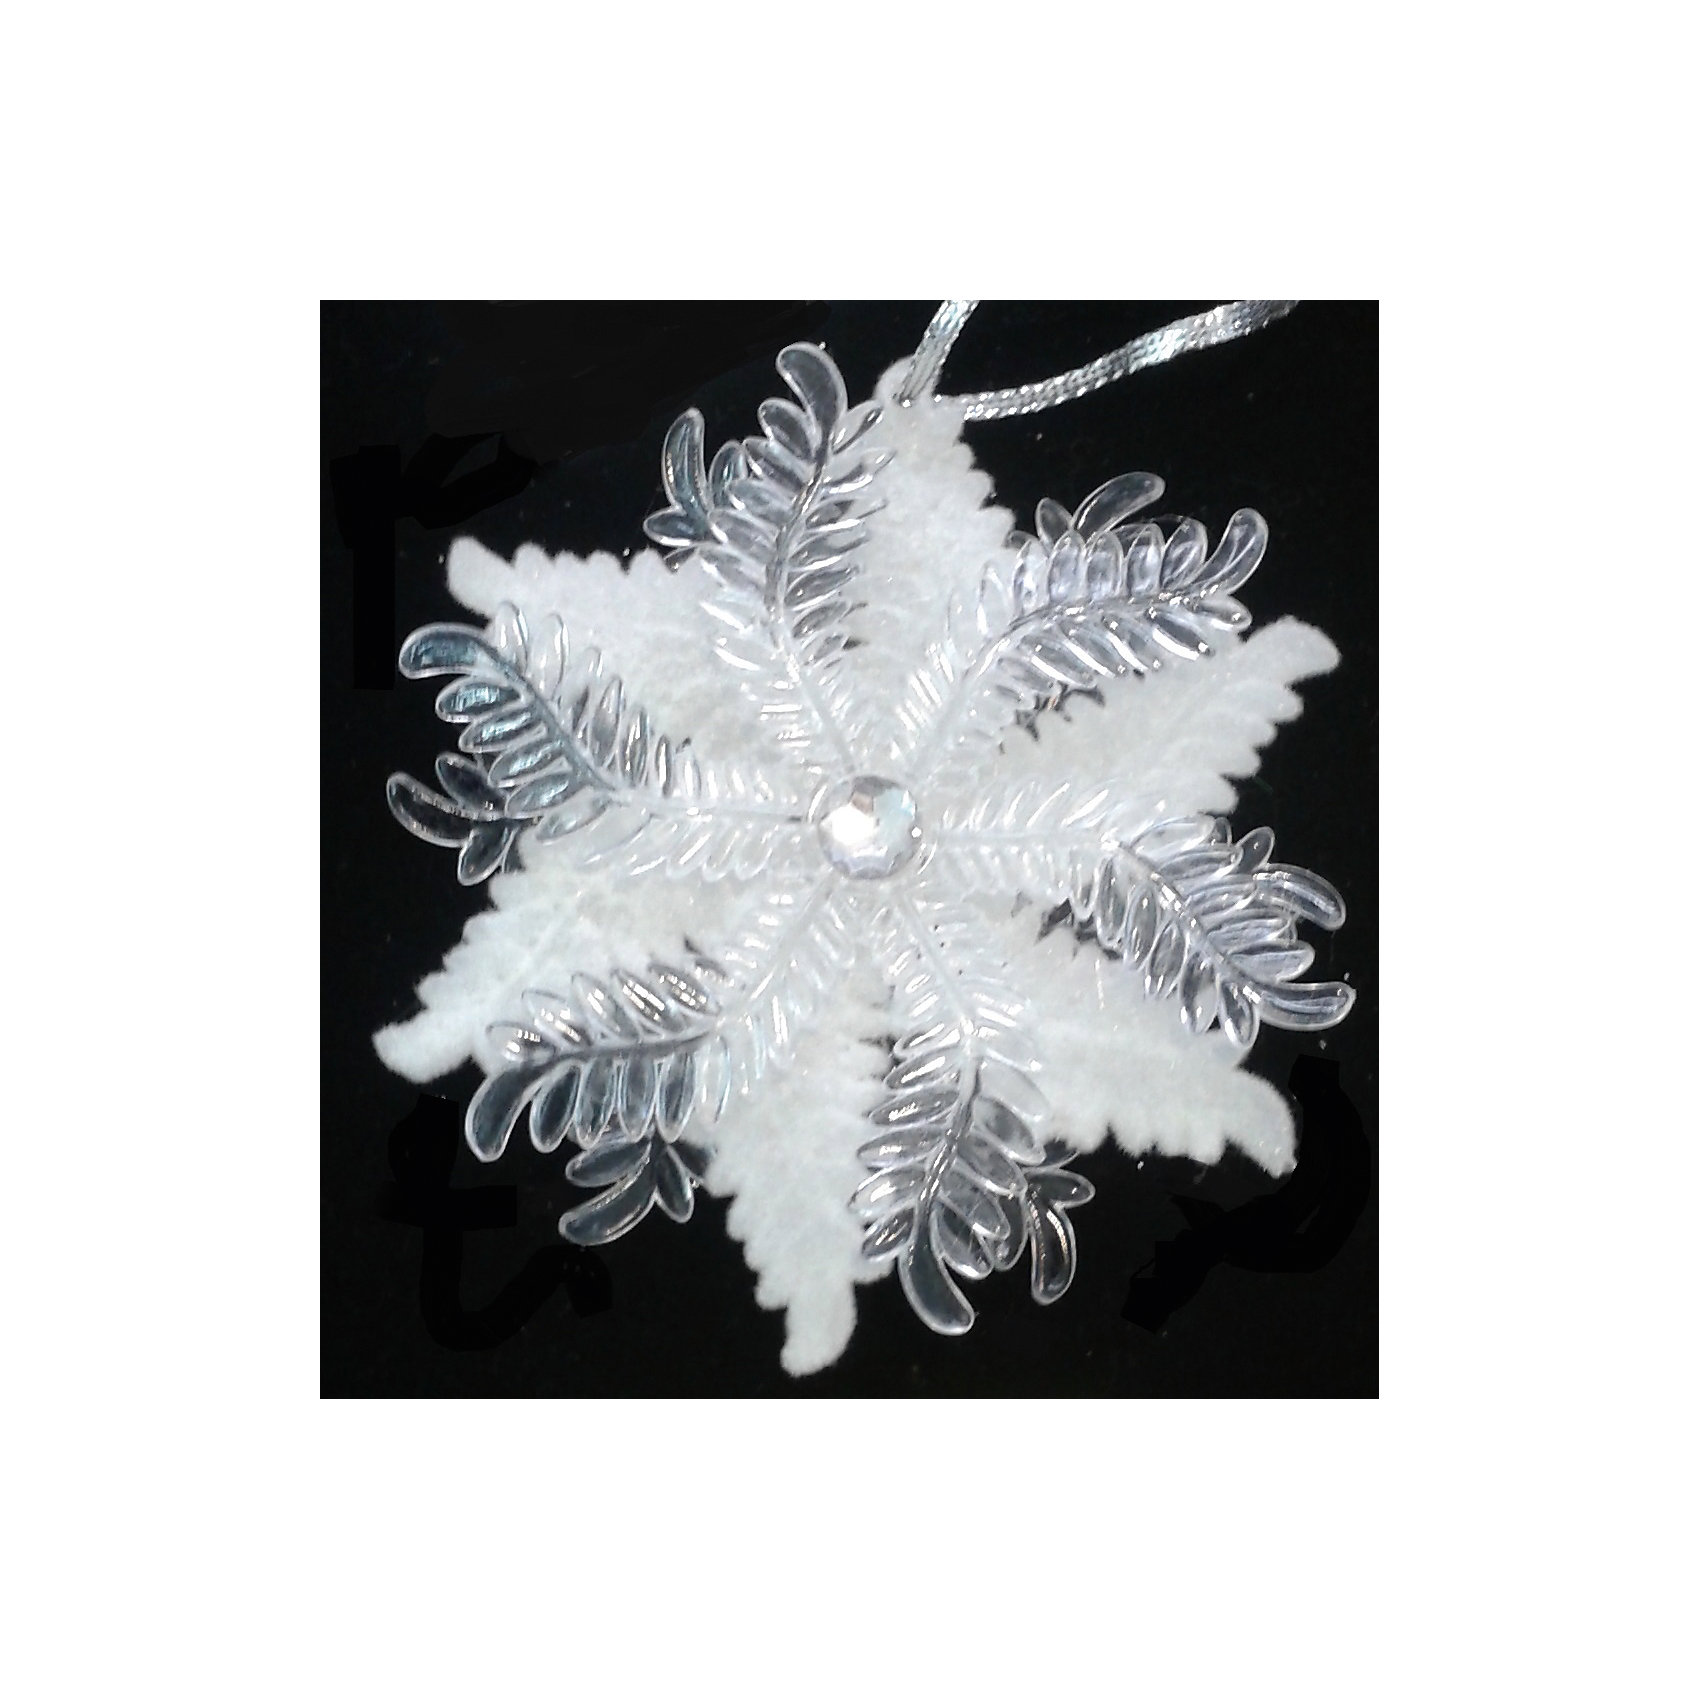 Подвесное украшение из пластика Снежинка комбинированная морозная и прозрачная (0,1Х0,1Х0,03м)Украшение из пластика (акрила) подвесное Снежинка комбинированная морозная и прозрачная арт.16184 Елочка в Новый год должна быть украшена безупречно. Поможет в этом чудесная подвеска. Игрушка изготовлена из полистоуна, поэтому никогда не разобьется, и доверить оформление праздничного деревца можно даже малышам. А уж сколько восторгов будет у детей по поводу этого украшения, и говорить не стоит!<br><br>Ширина мм: 100<br>Глубина мм: 100<br>Высота мм: 30<br>Вес г: 0<br>Возраст от месяцев: 72<br>Возраст до месяцев: 480<br>Пол: Унисекс<br>Возраст: Детский<br>SKU: 5051743